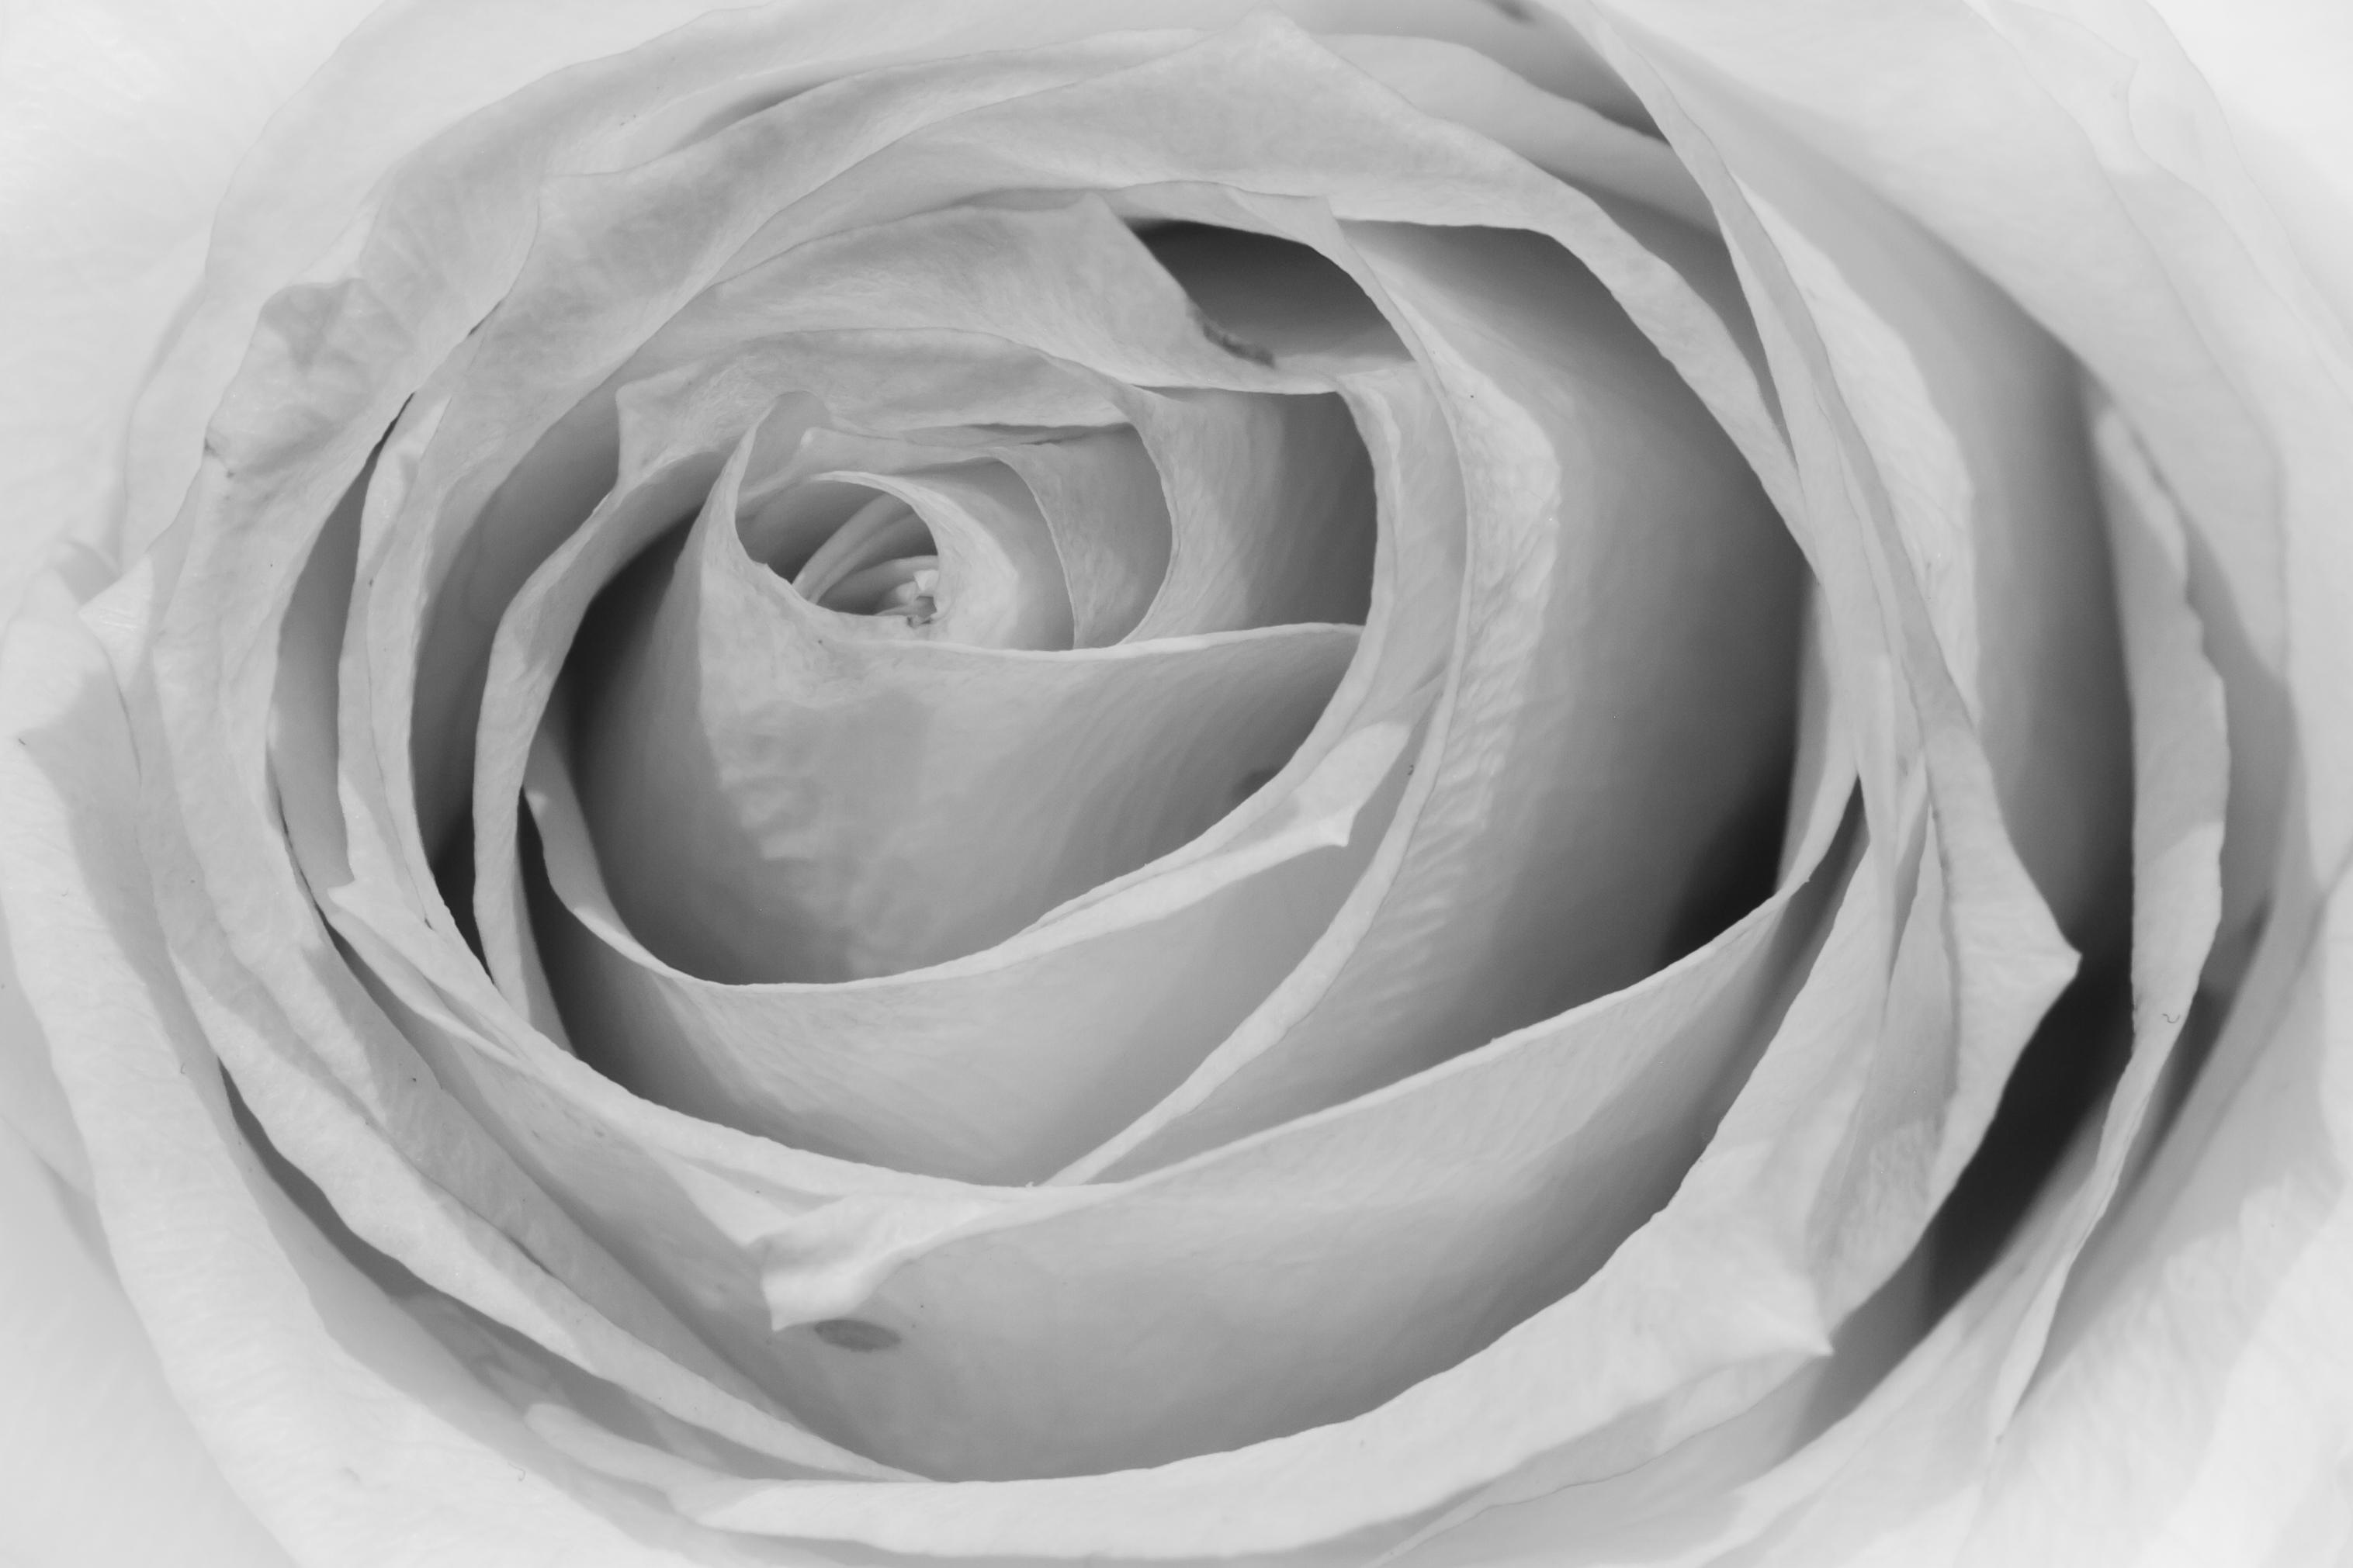 Fond D Ecran Monochrome La Nature La Photographie Macro Canon Rose Noir Lundi Macromondes Fleur Bw Flore Negre Petale Fleur Blanc 7d Schwarz Papier Peint De L Ordinateur Noir Et Blanc Photographie Monochrome